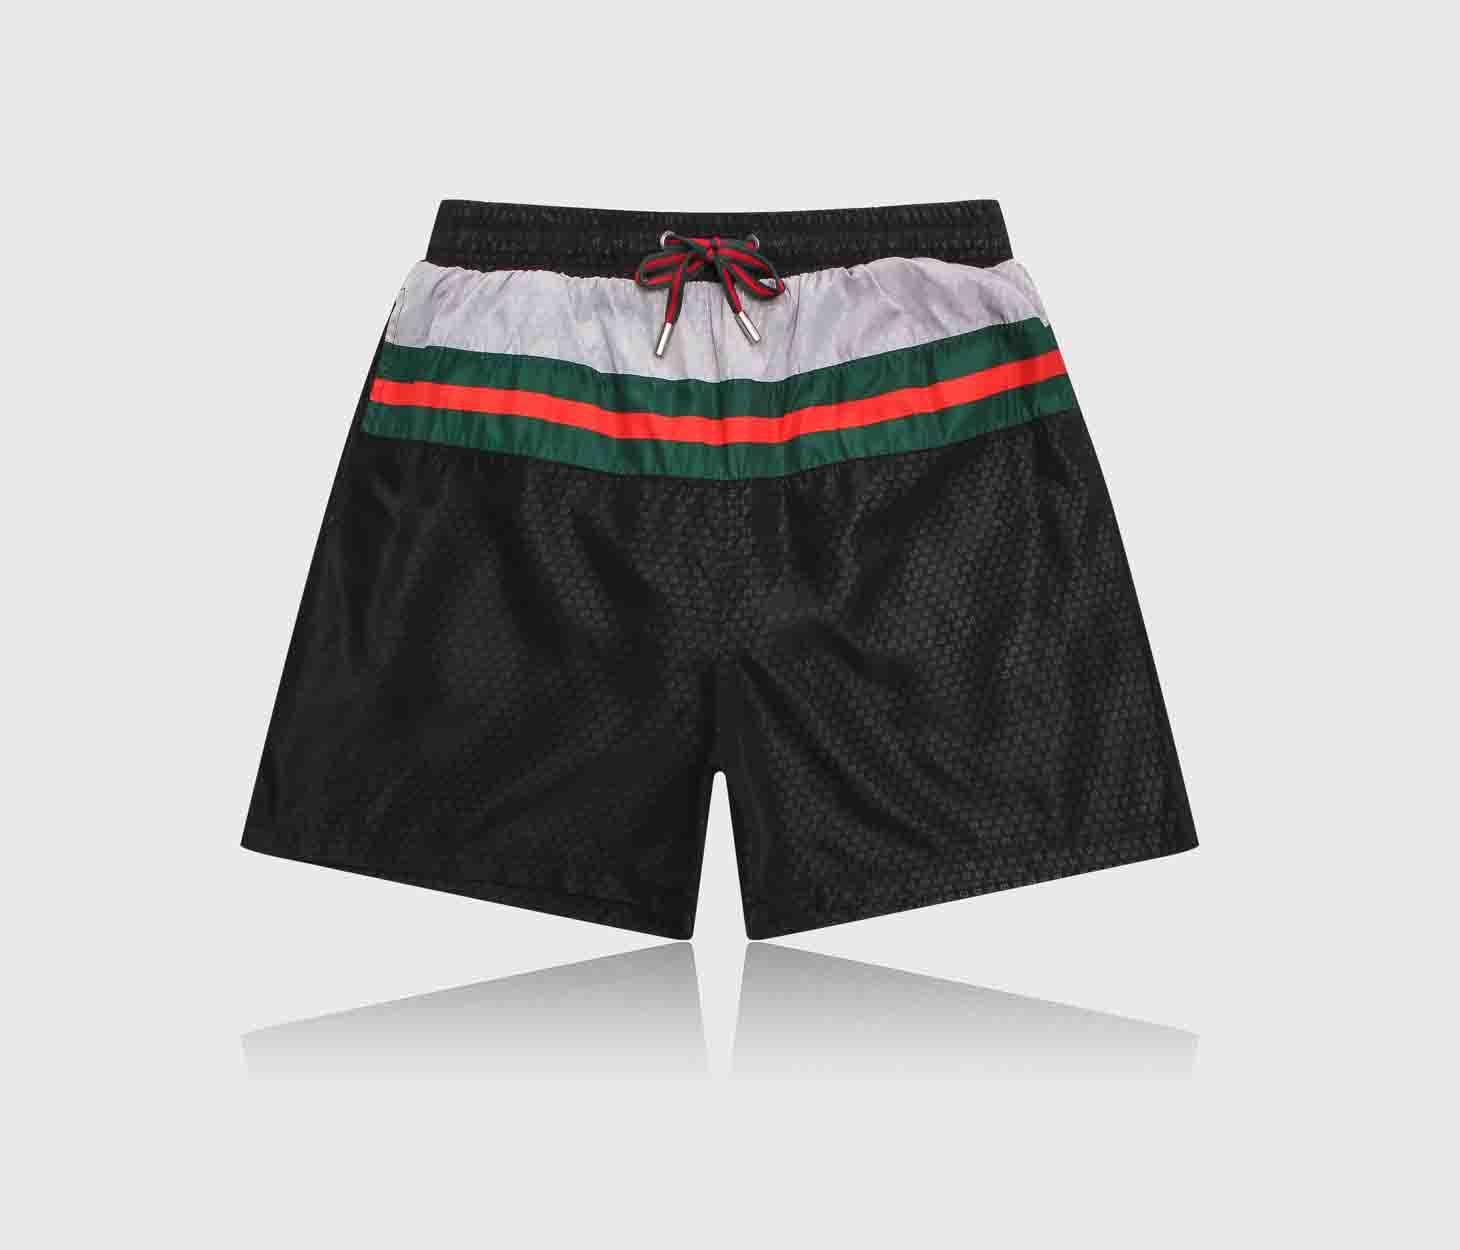 Les hommes Fashio plage de luxe pantsn MAILLOTS herringbones TORTUES récent d'été Shorts Hommes Casual Fashion Style Hommes Bermudas Shorts de plage